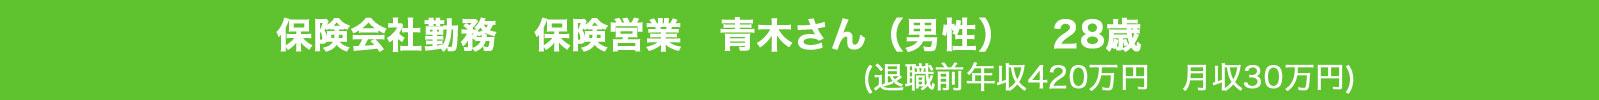 IT企業勤務 保険営業 田村さん(男性) 28歳